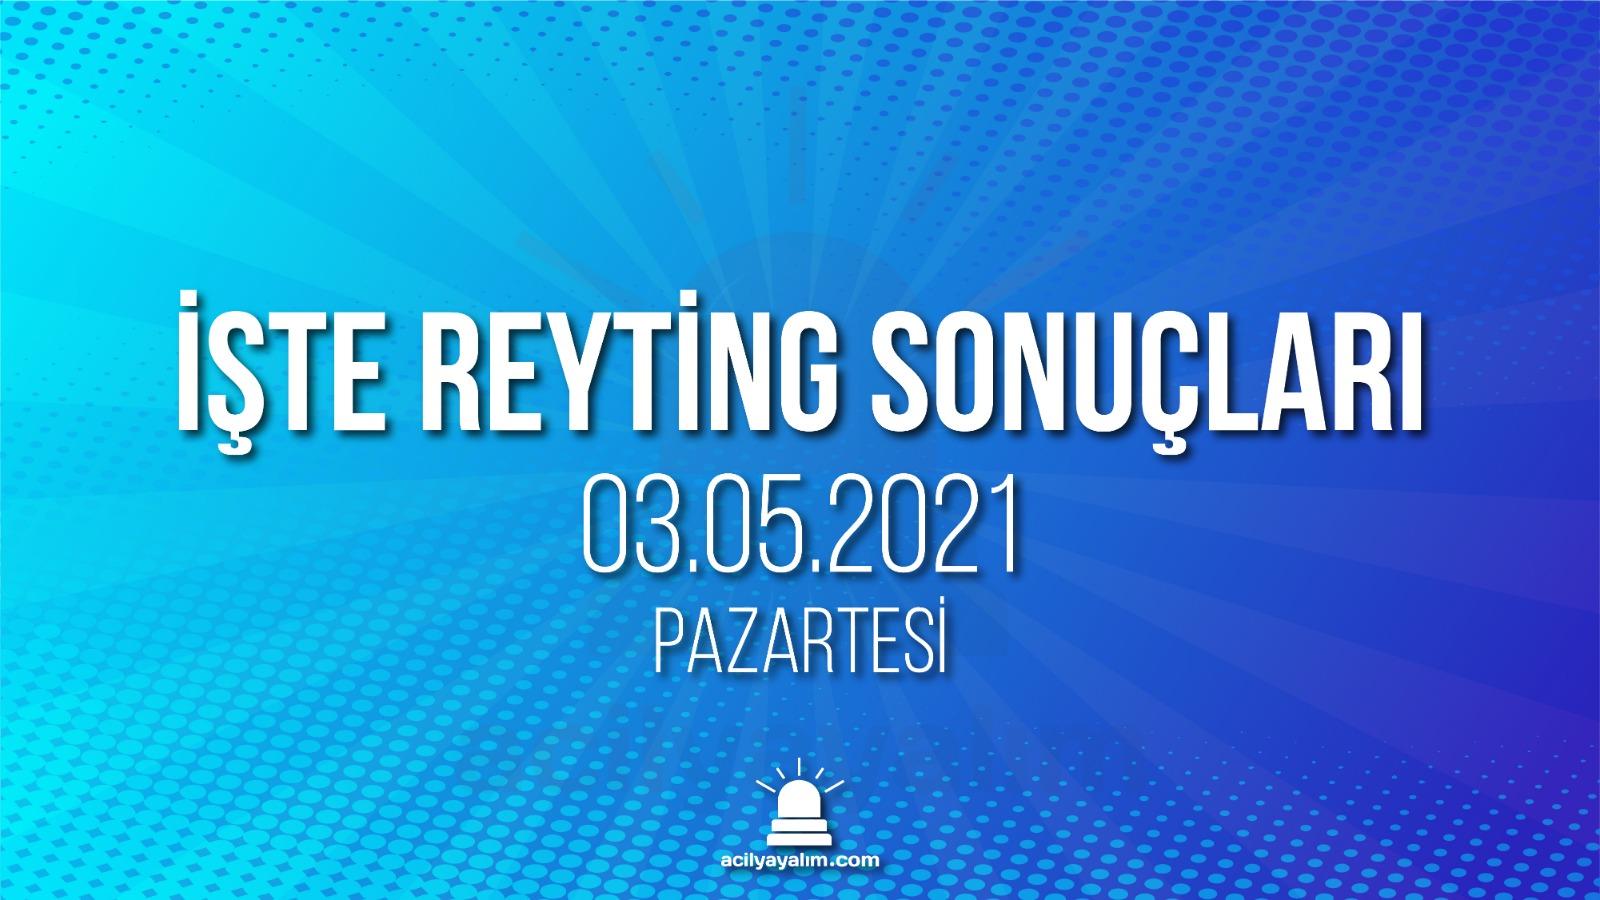 3 Mayıs 2021 Pazartesi reyting sonuçları